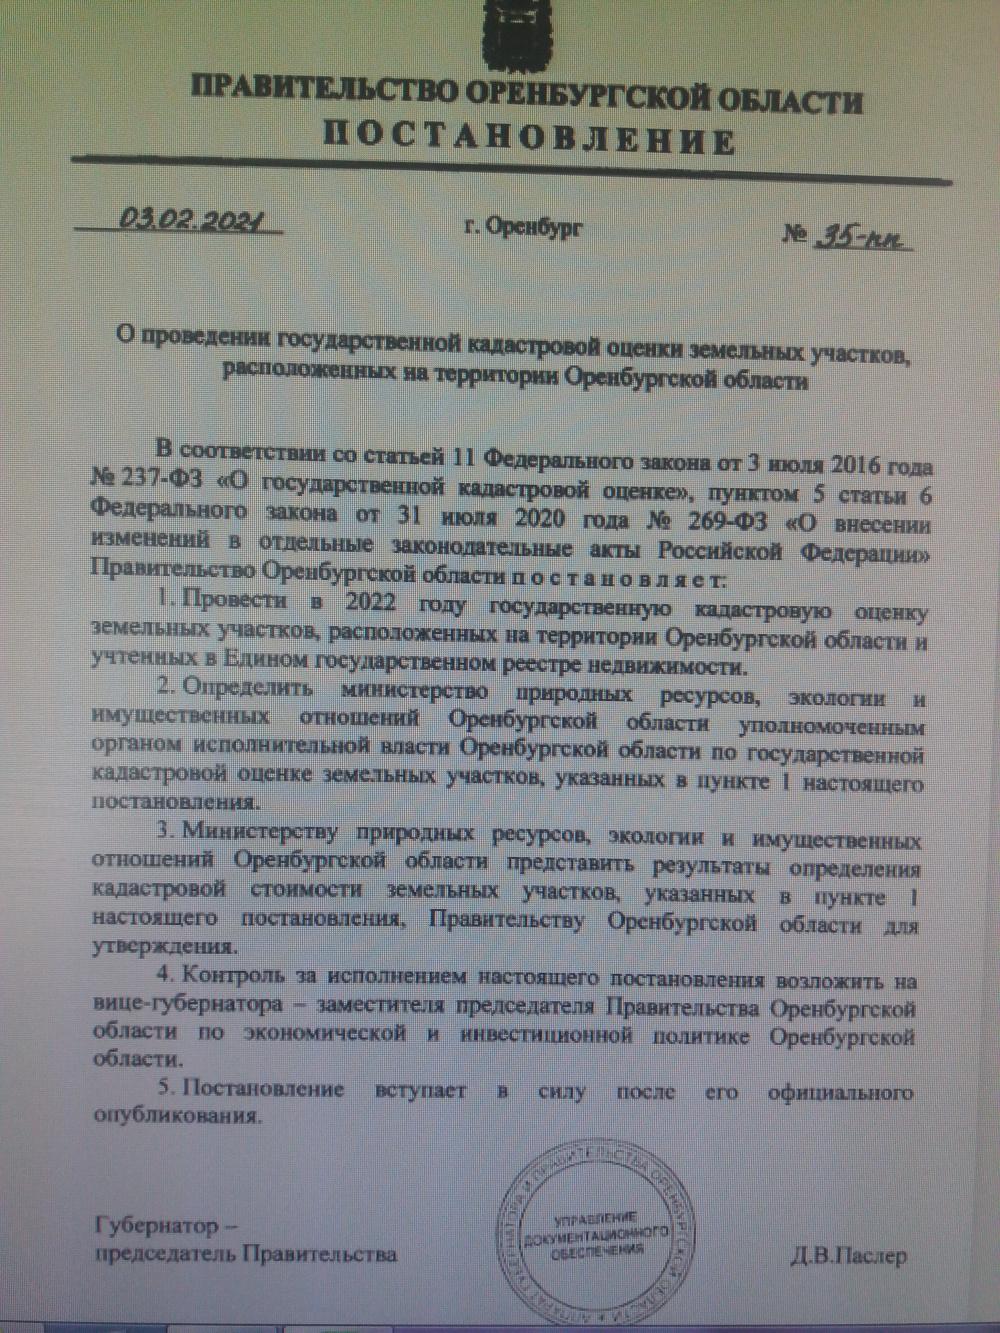 Постановление Правительства Оренбургской области